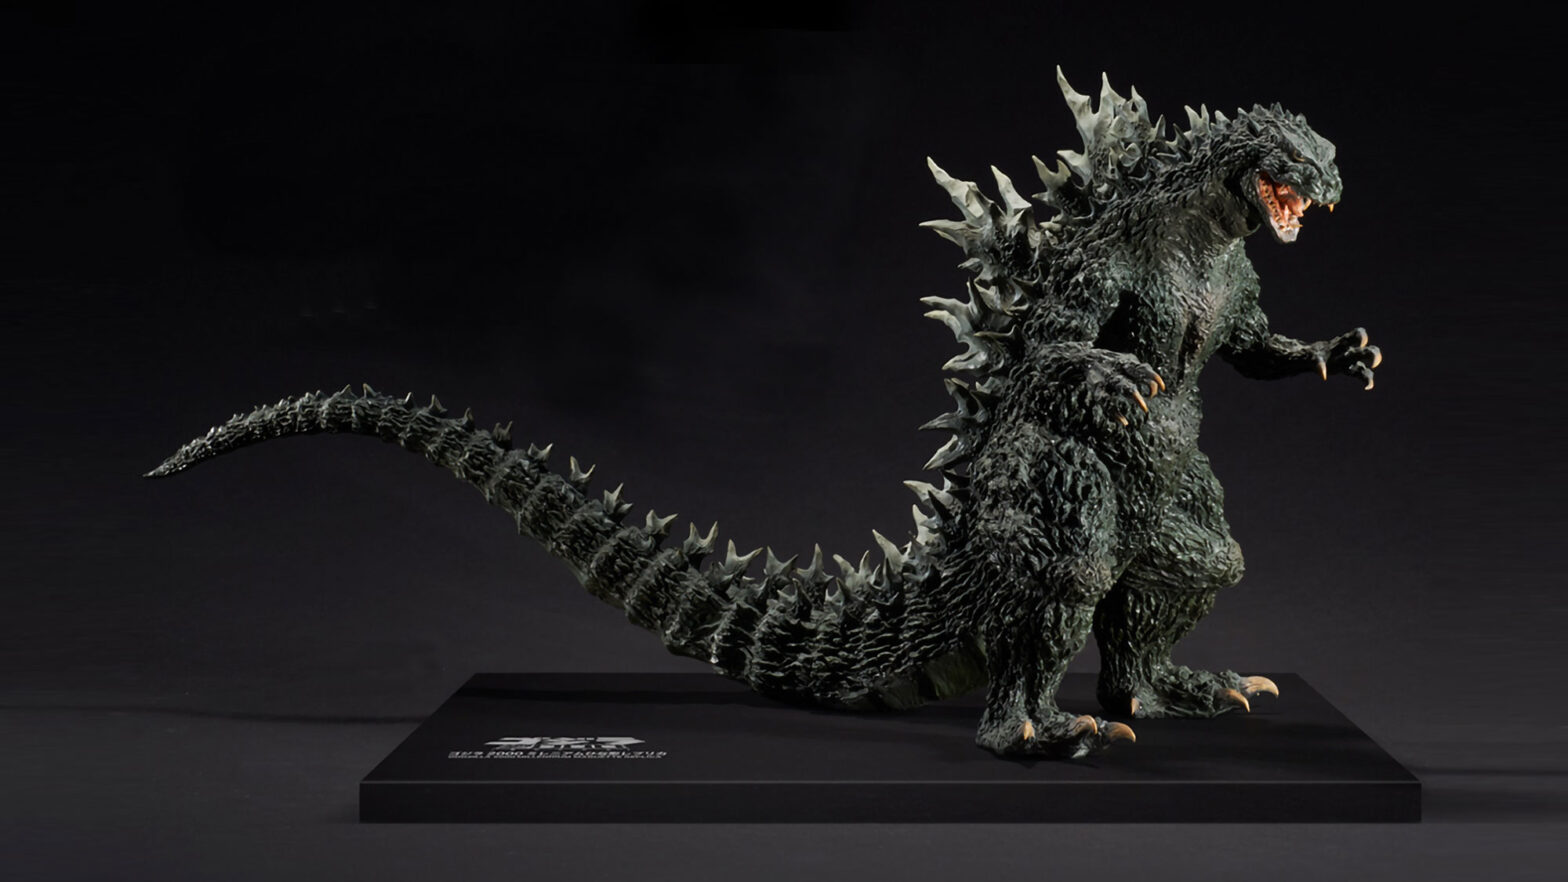 Godzilla Millennium Maquette Replica